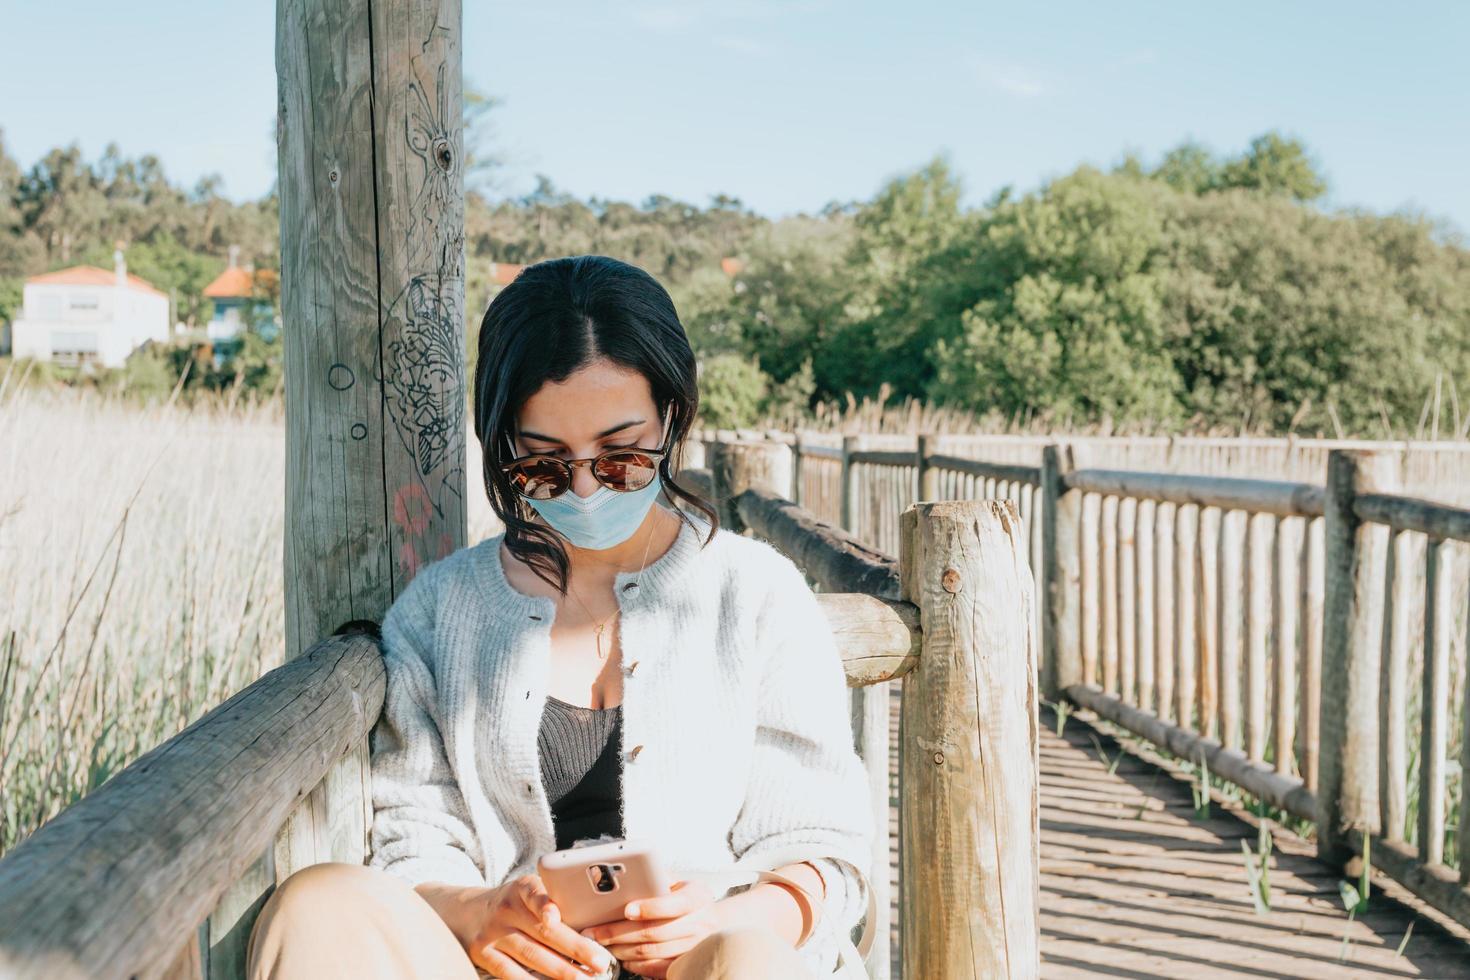 ung kvinna som använder solglasögon och en ansiktsmask medan du använder en telefon foto